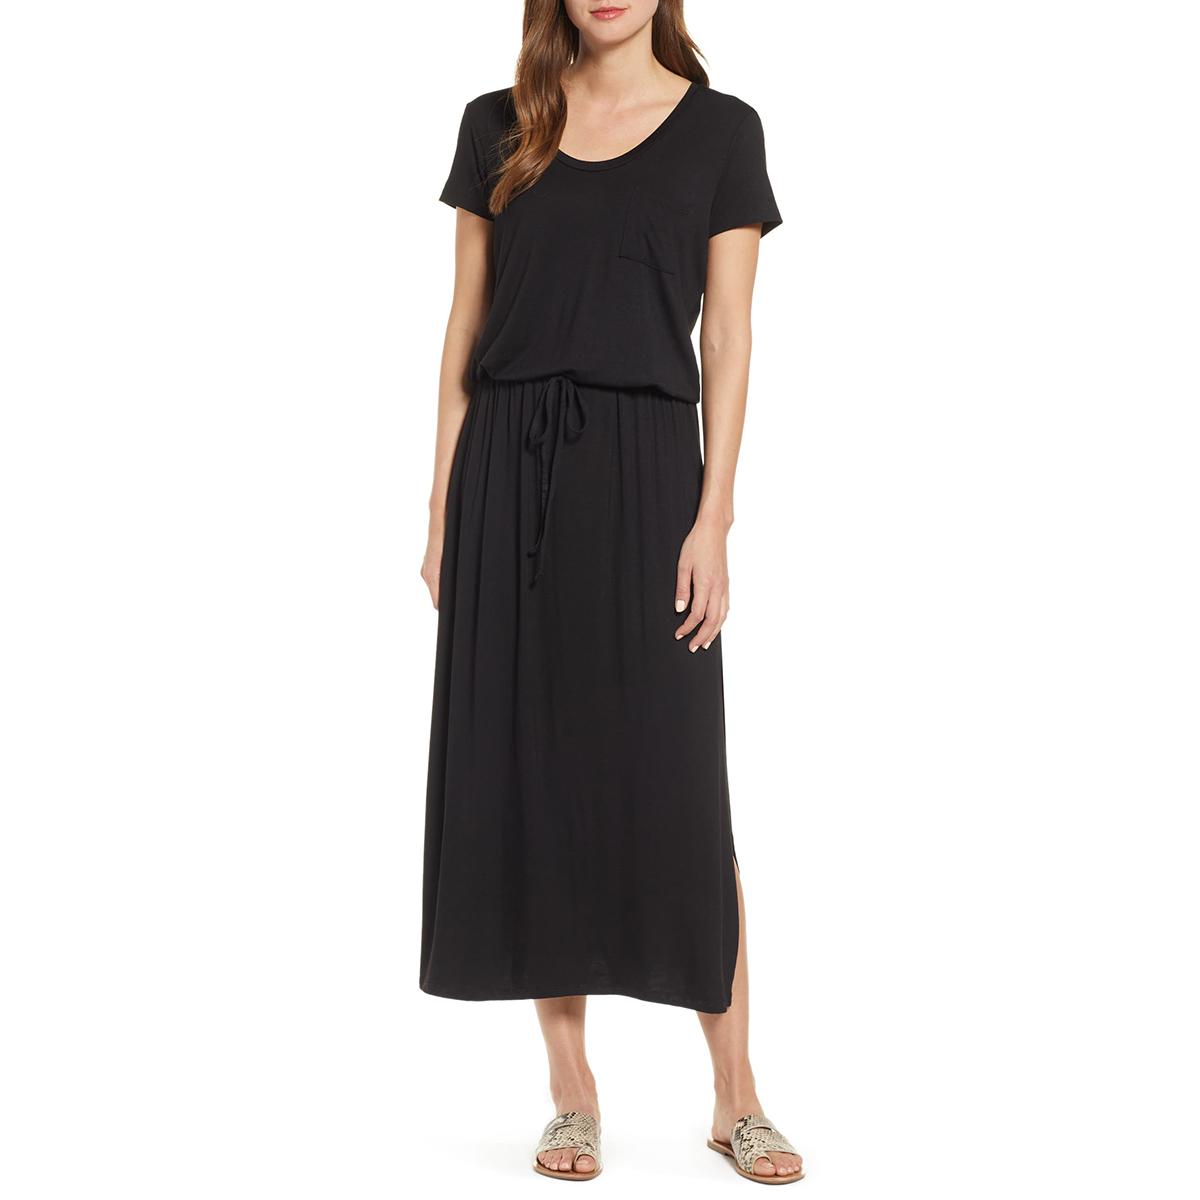 Caslon Dress